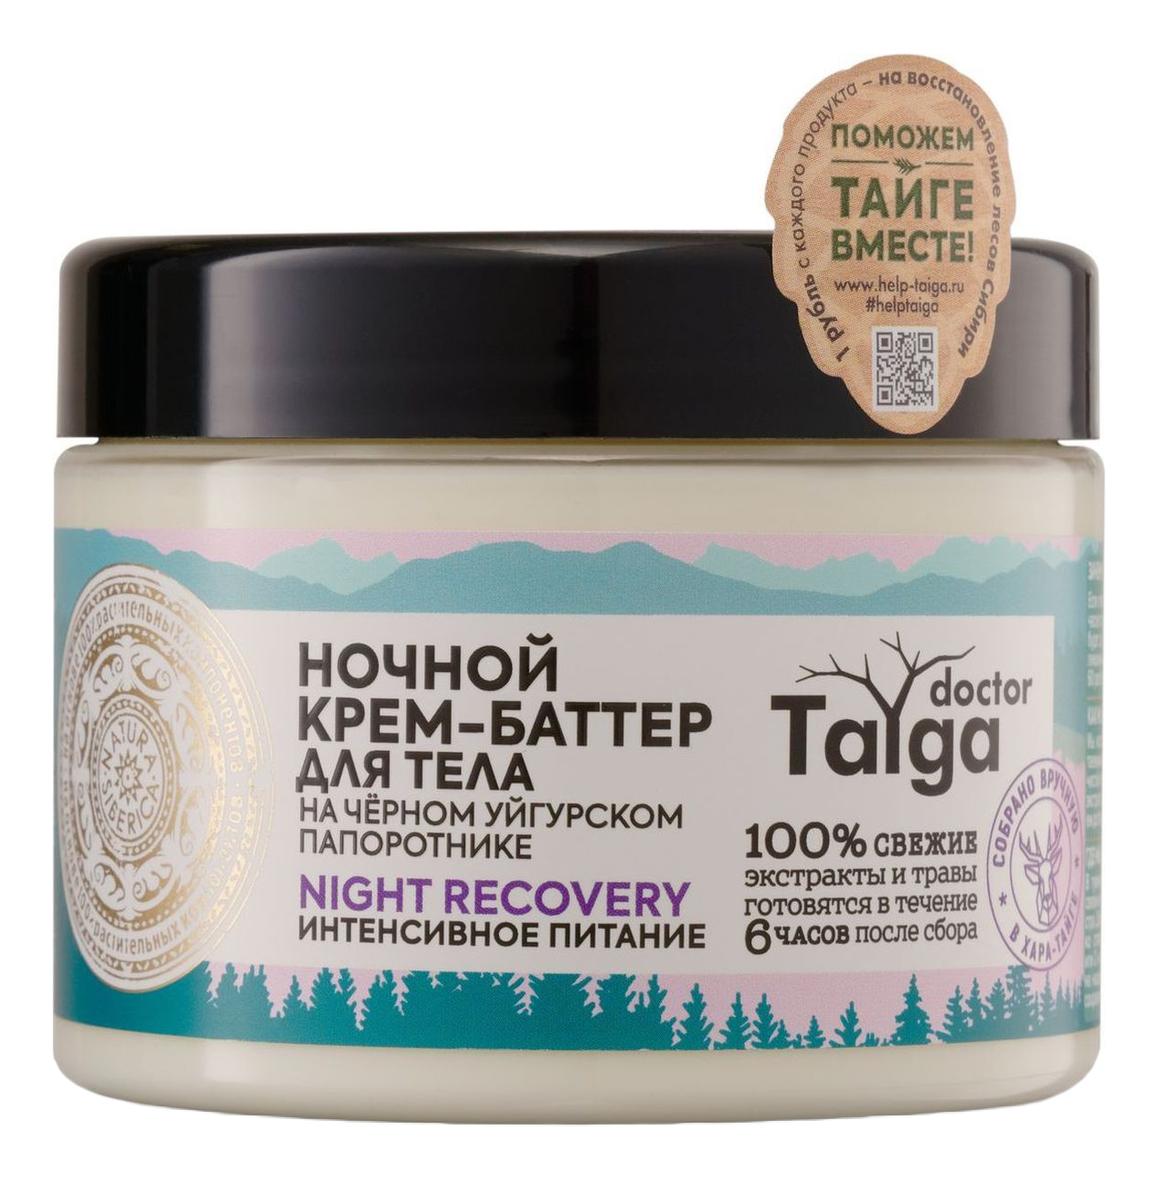 Ночной крем-баттер для тела Интенсивное питание Doctor Taiga Night Recobery 300мл крем для тела ночной natural project